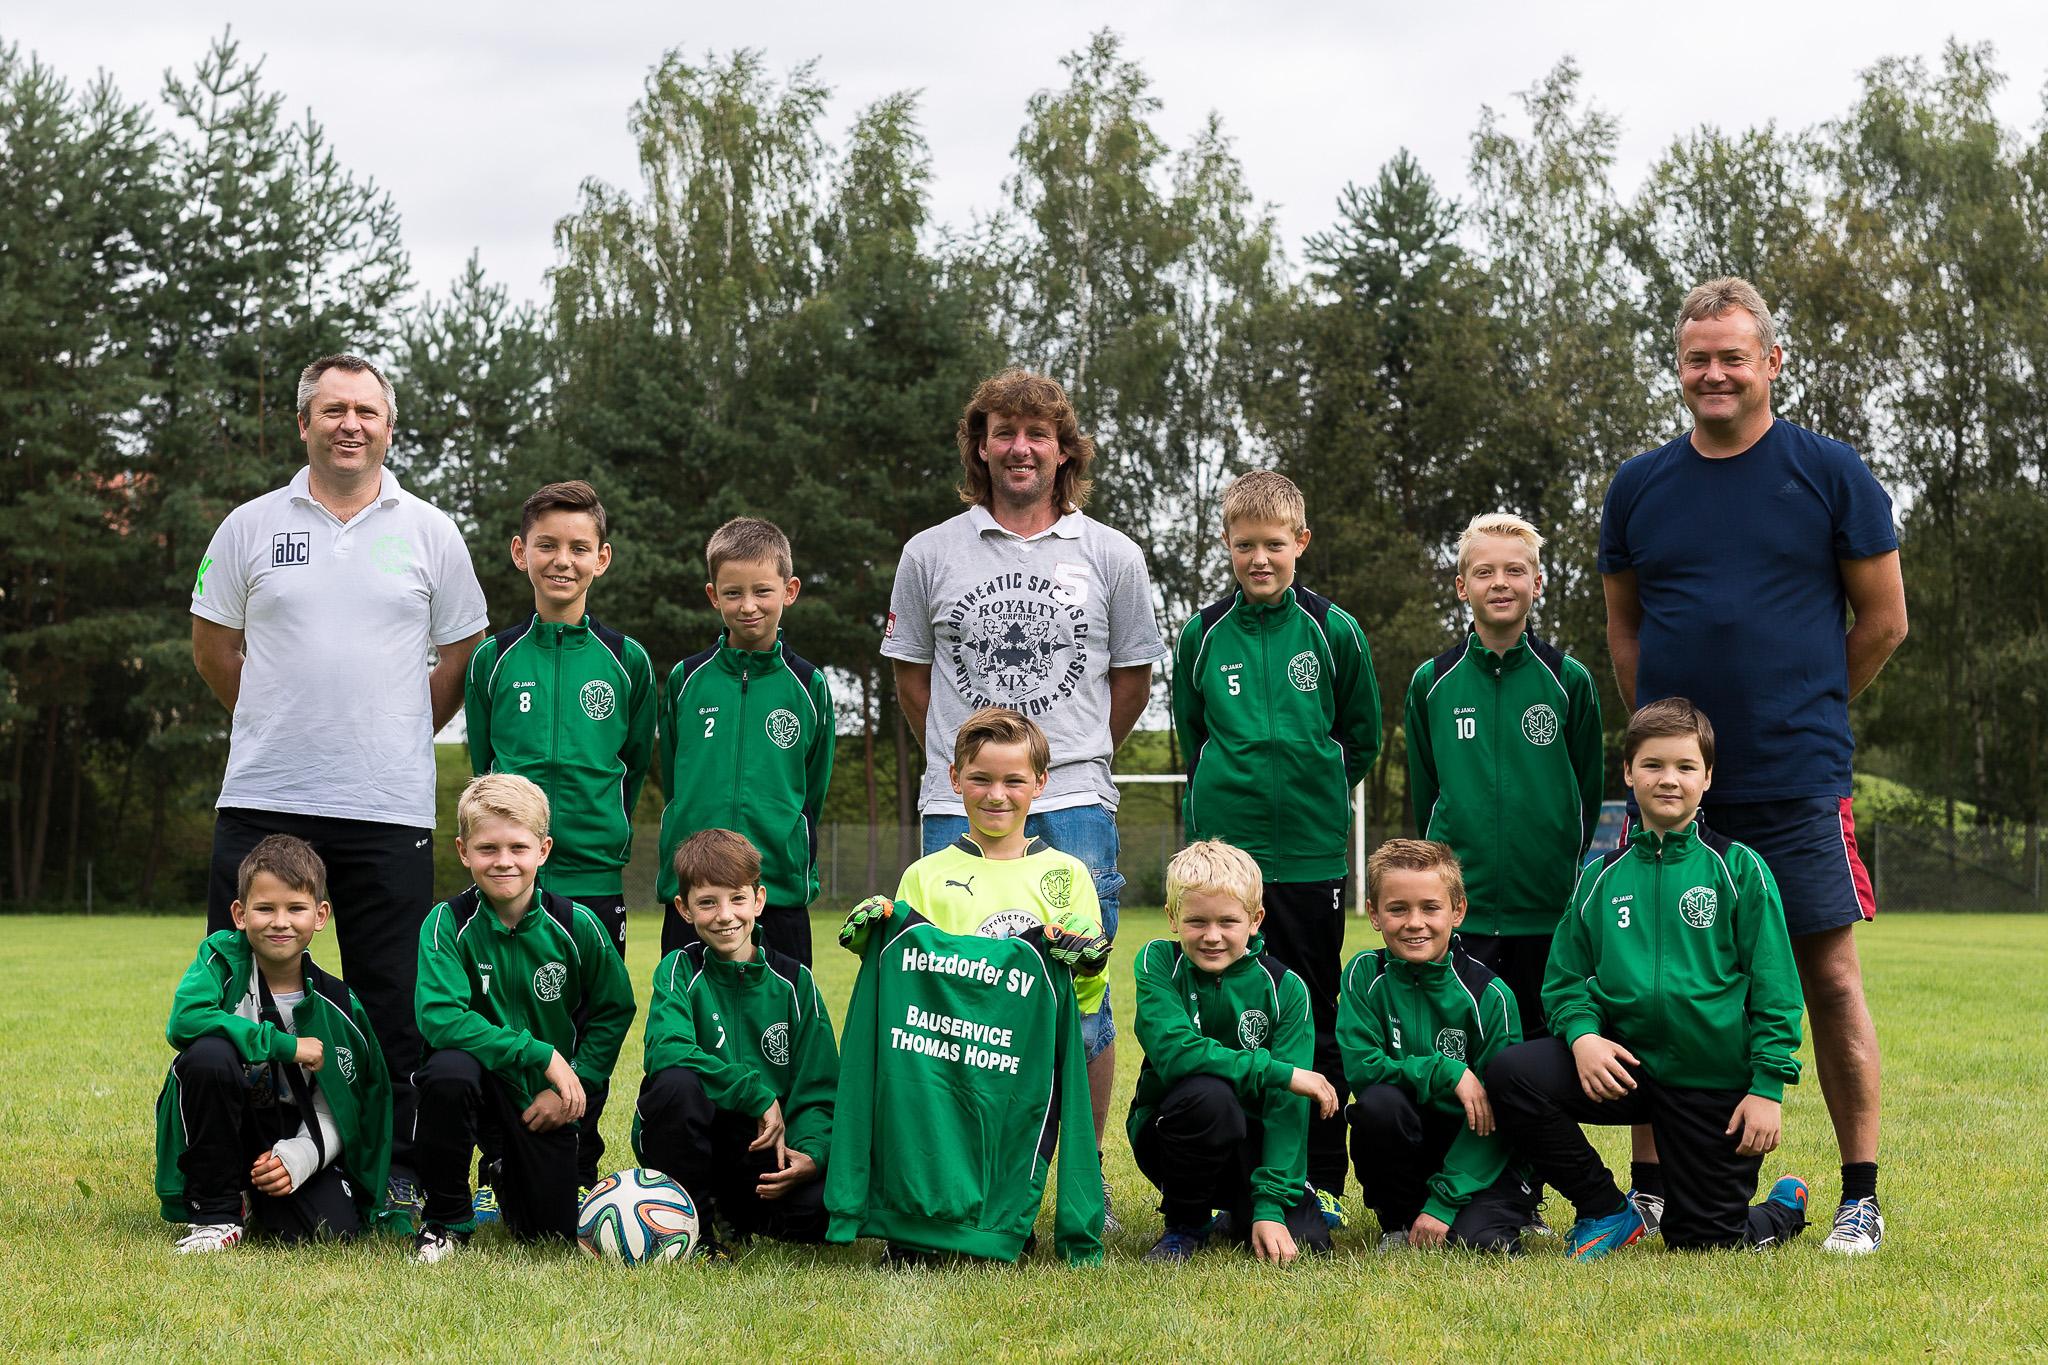 Hetzdorfer SV Fußballmannschaft E-Jugend